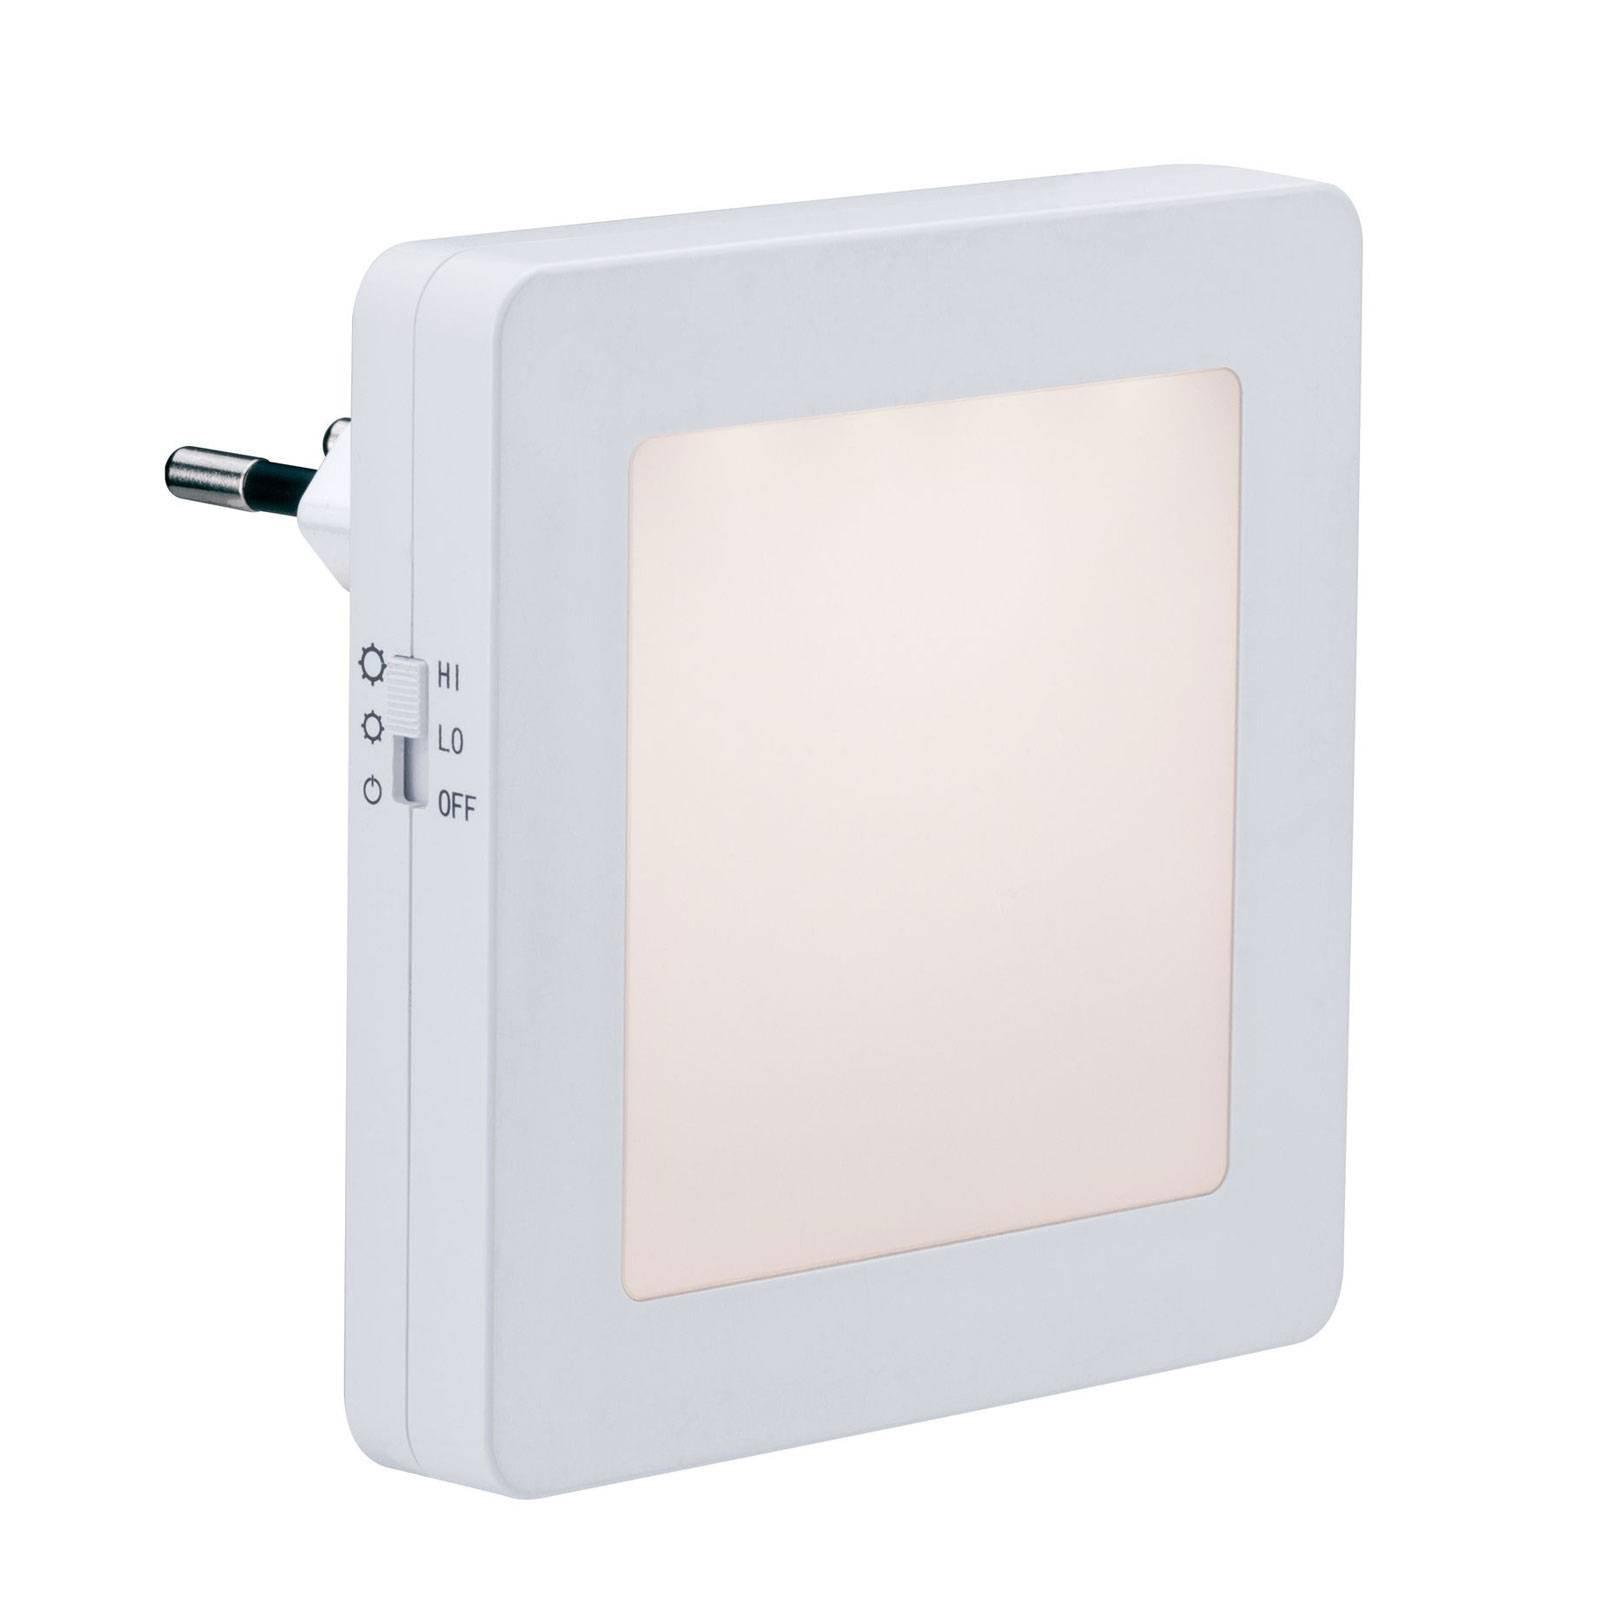 Paulmann Esby LED-nattlys, stikkontakt, kantet